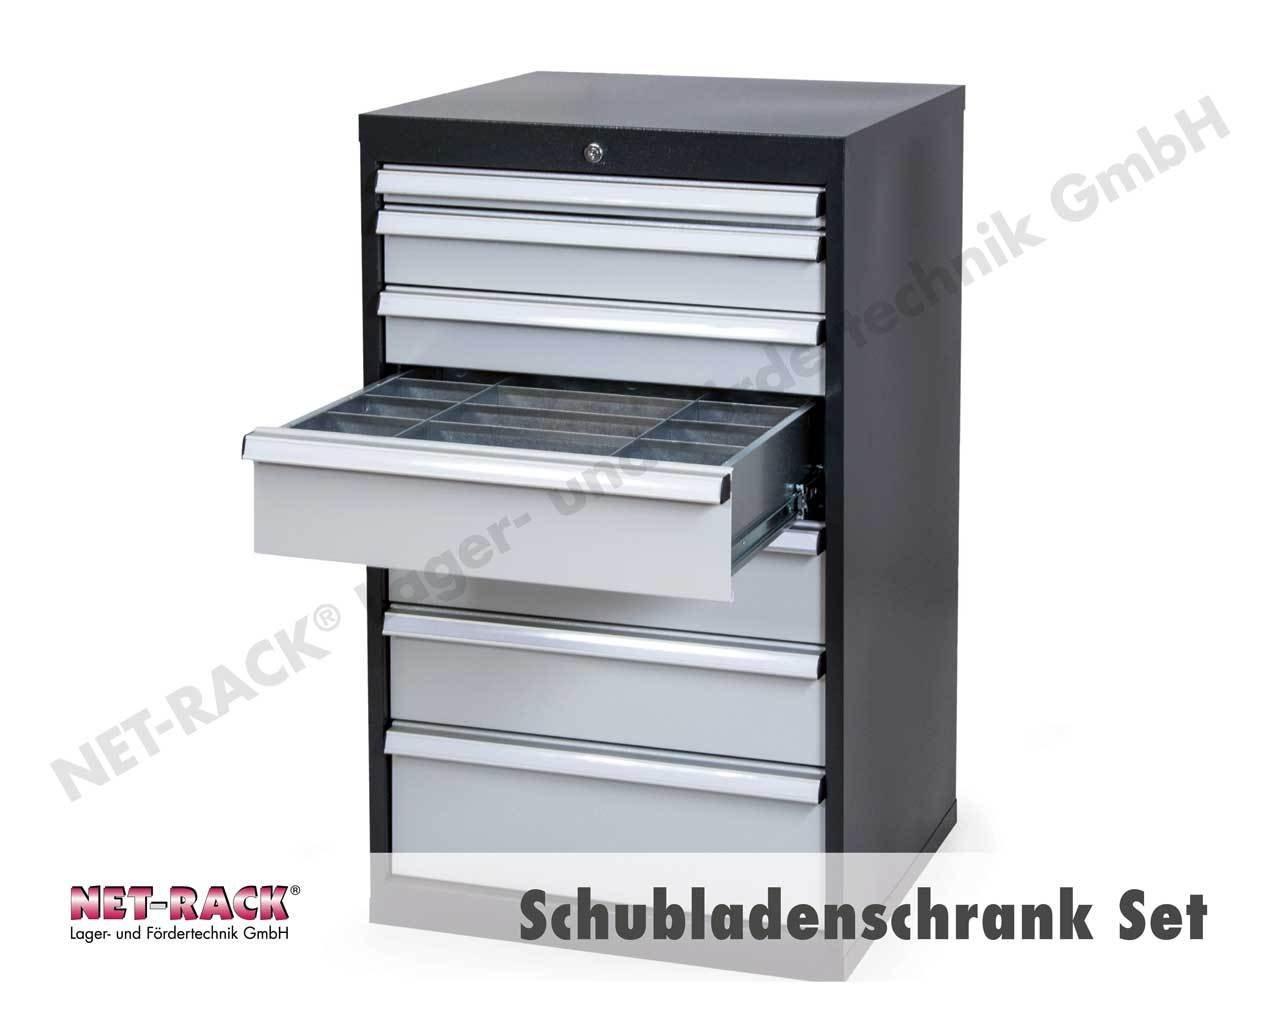 Full Size of Schubladenschrank Inkl 4 Schubladeneinteilungen Stecksystem Regal Schubladeneinsatz Küche Wohnzimmer Schubladeneinsatz Stecksystem